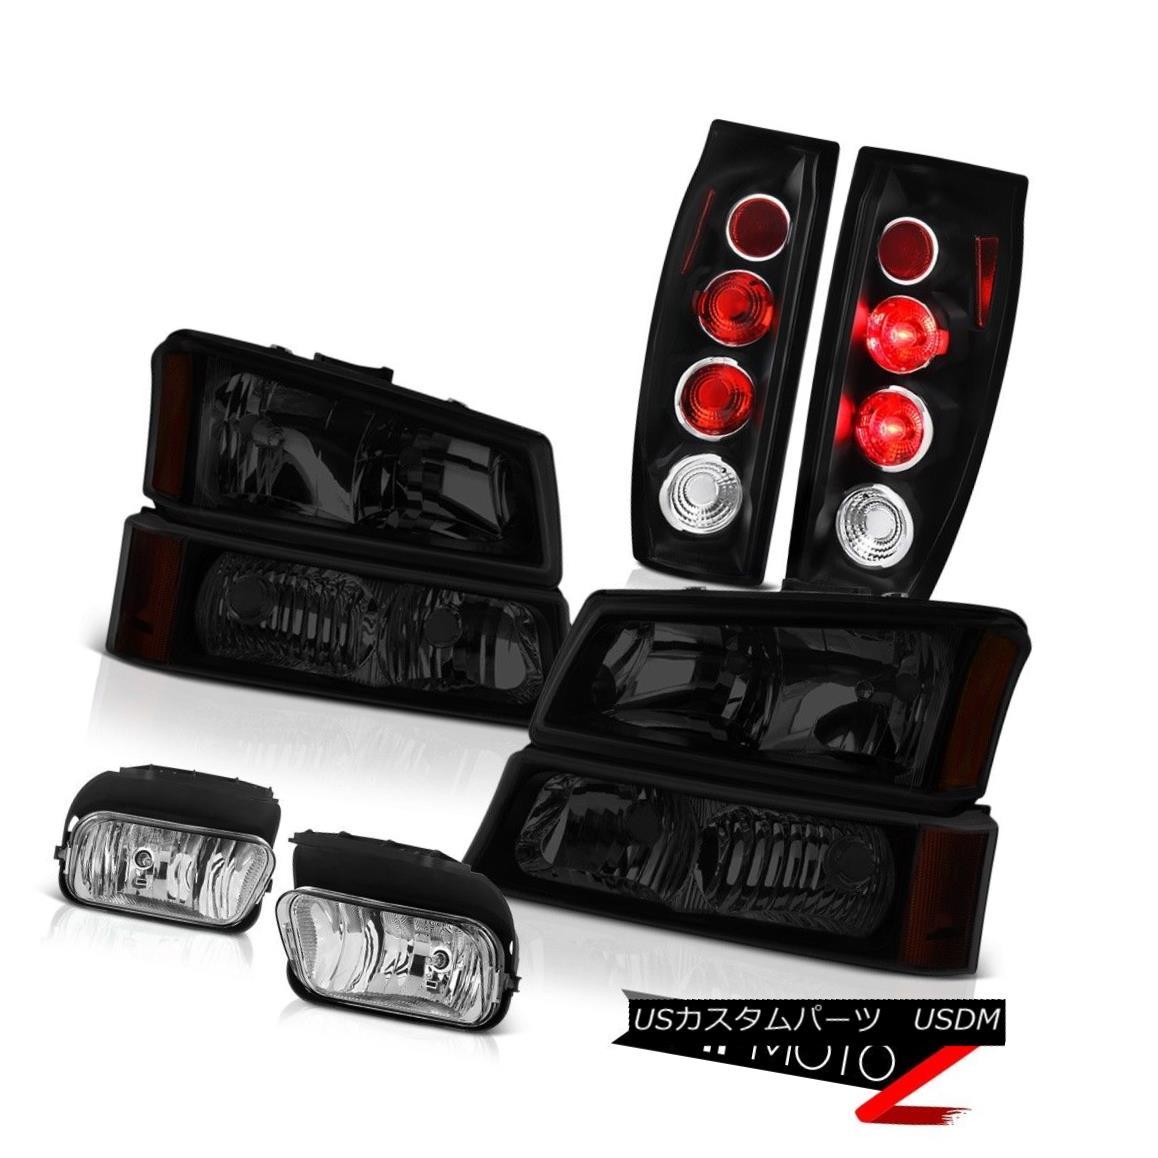 テールライト 2003-2006 Avalanche 2500 Chrome Foglights Taillamps Sinister Black Headlamps 2003年?2006年雪崩2500クロムフォグライトタイルランプ灰色のブラックヘッドランプ